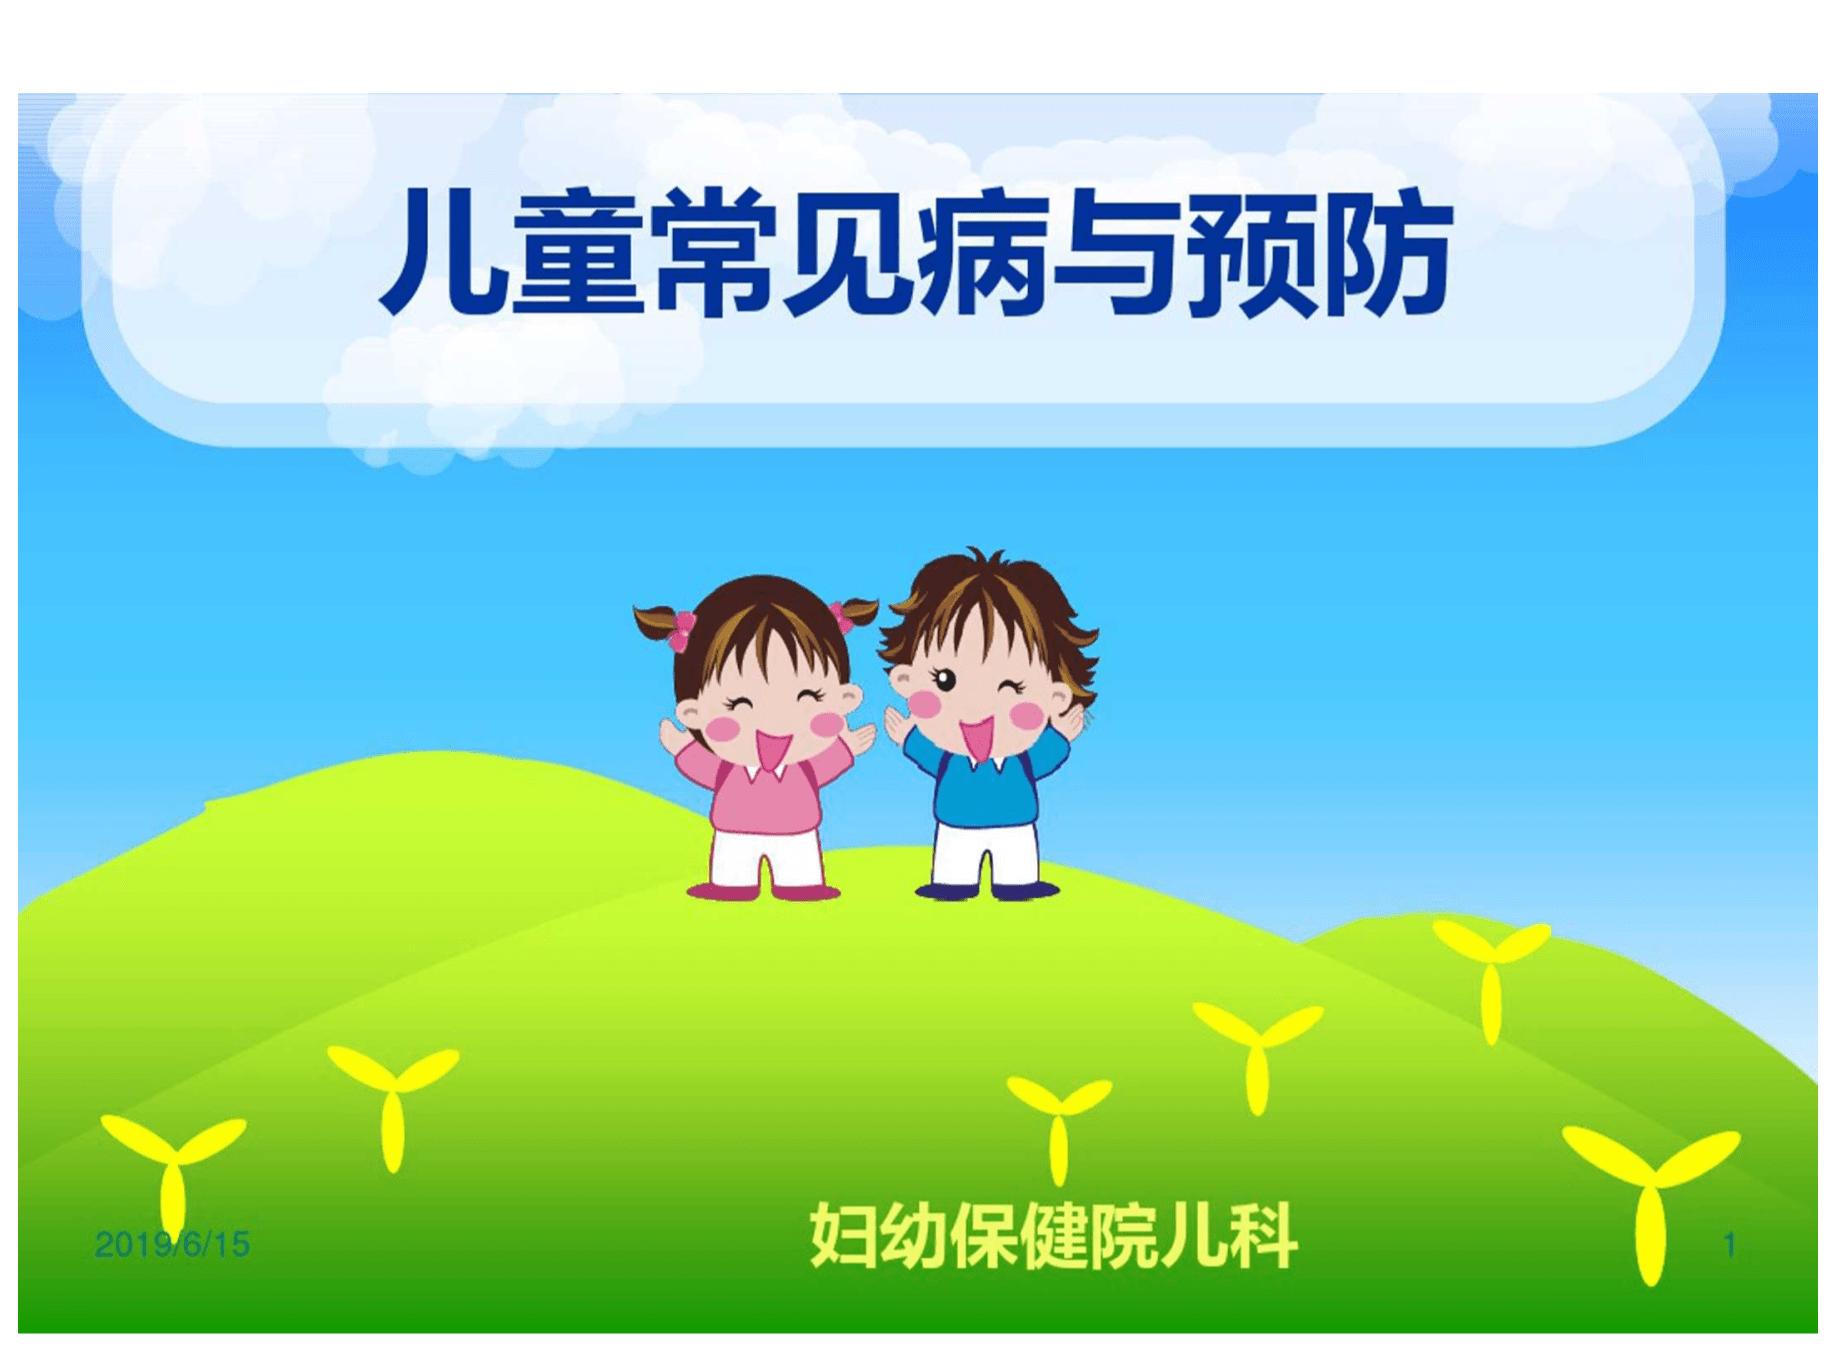 儿童常见病与预防【新版】.docx